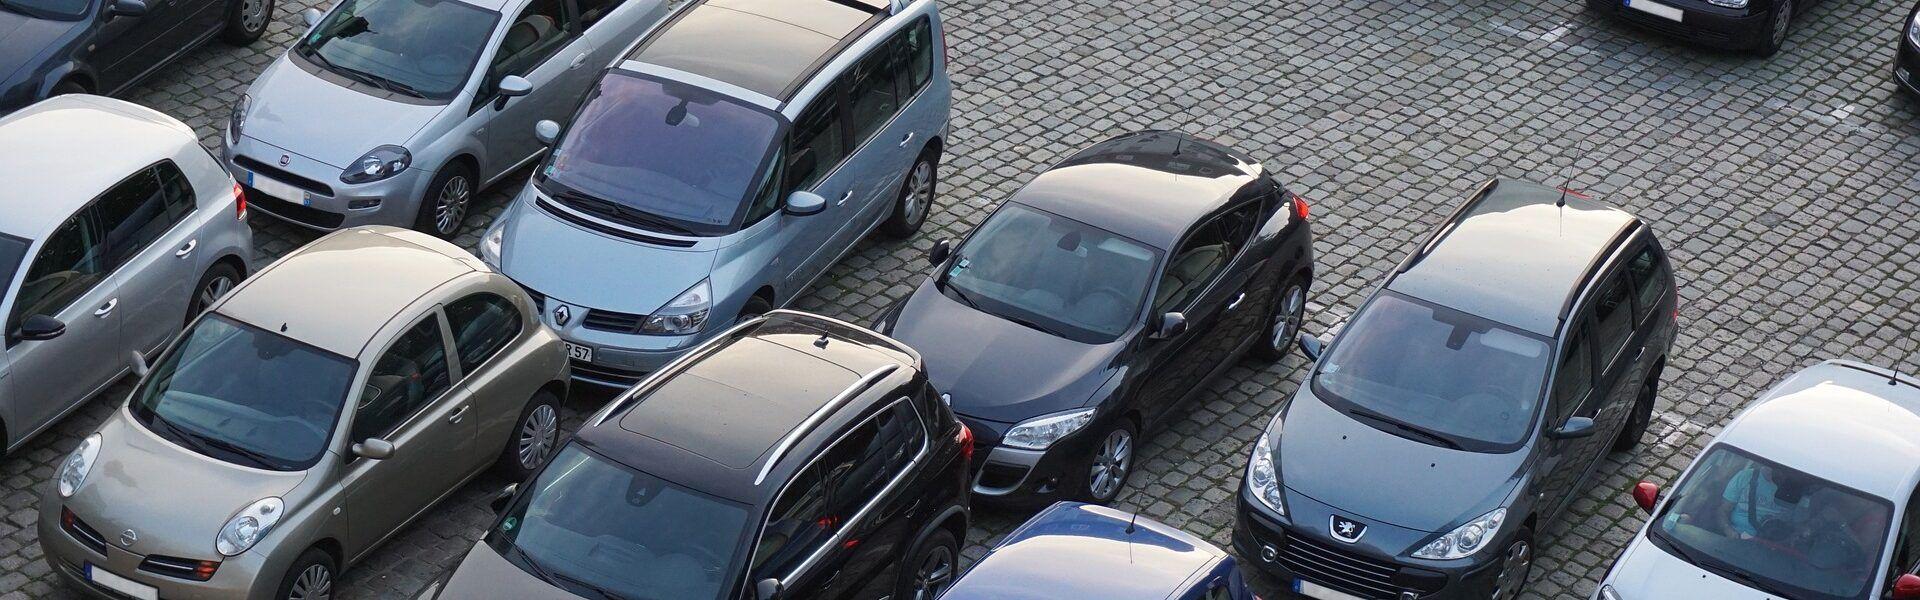 sensores-aparcamiento